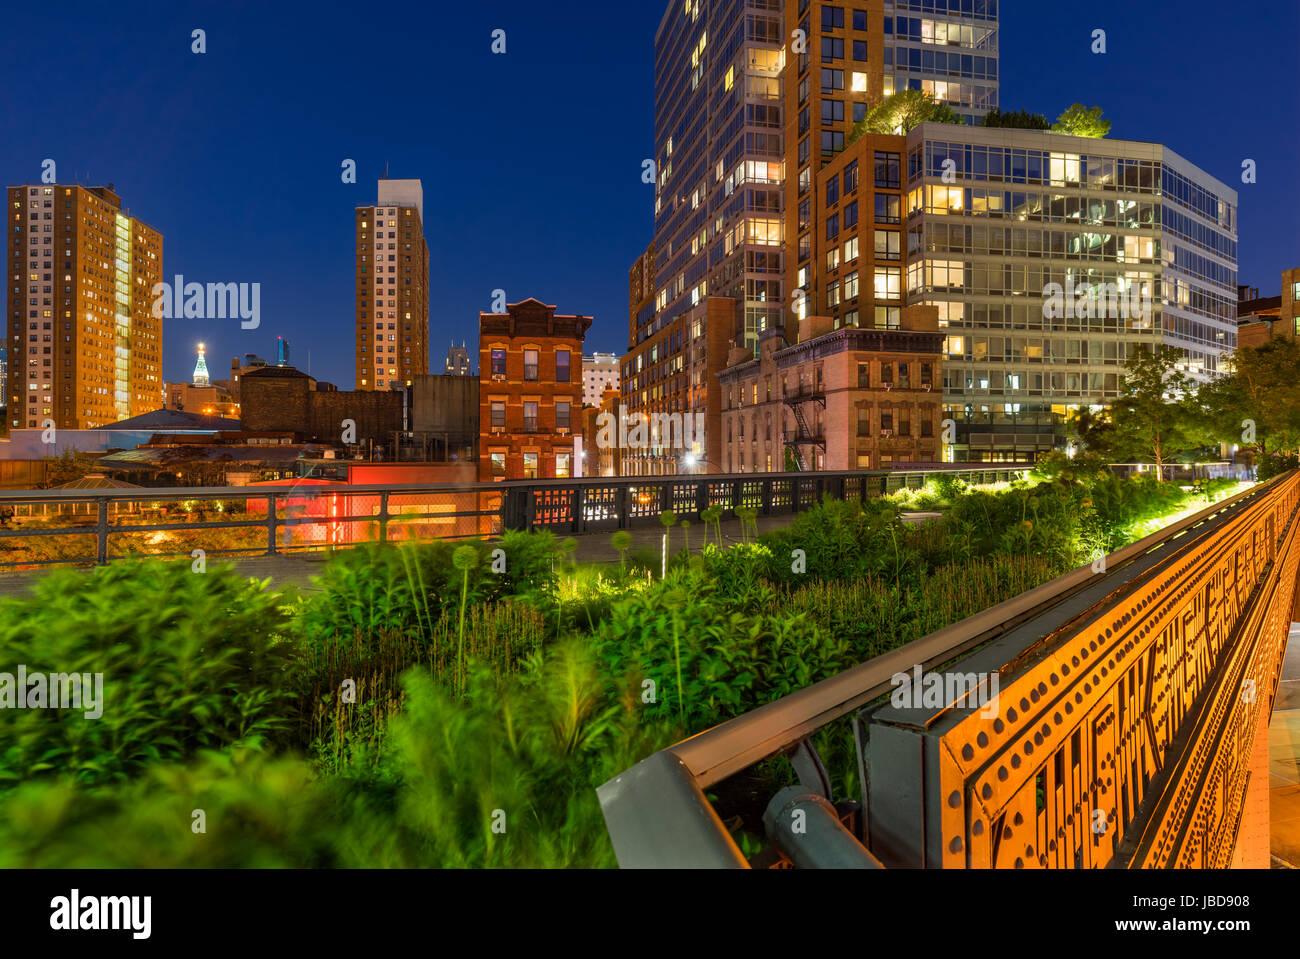 Die High Line an einem Sommerabend im Herzen von Chelsea (hier an der Kreuzung der 10th Avenue und 17th Street). Stockbild